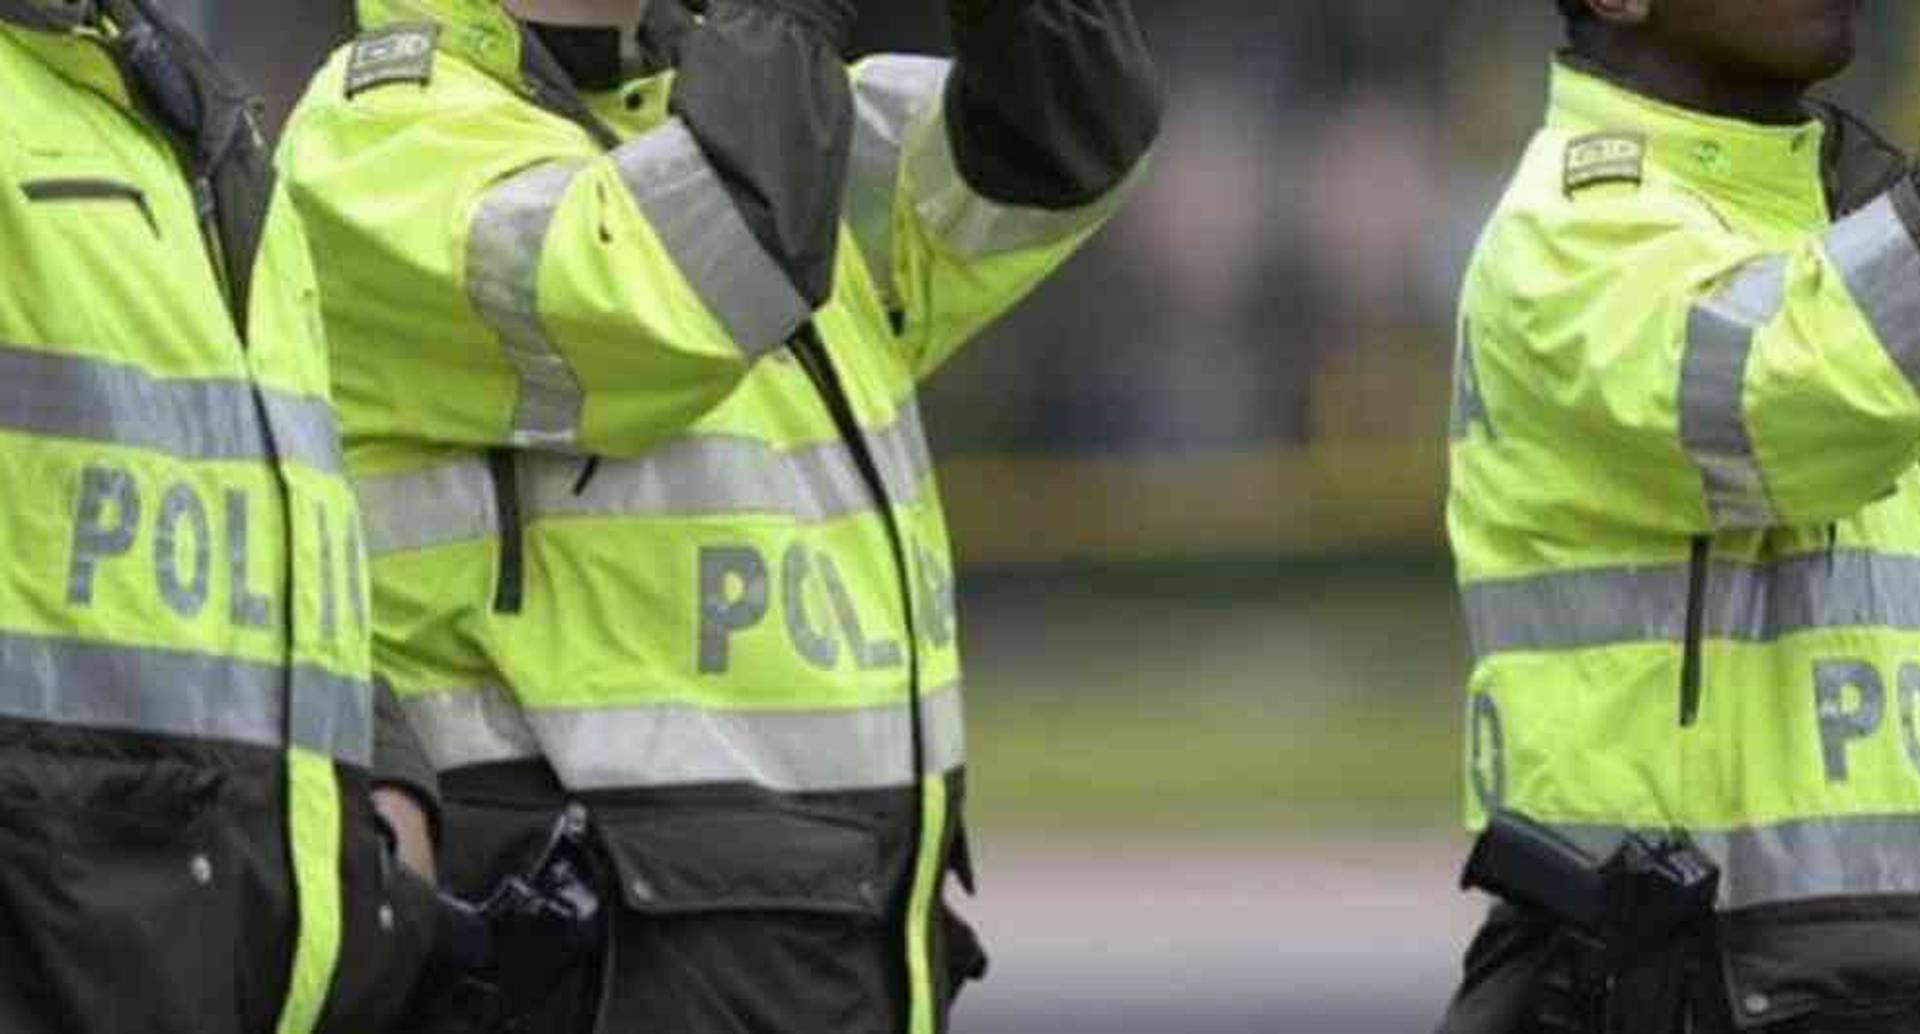 En Medellín, motociclista atropelló a agente de tránsito cuando le pidió parar | Noticias hoy